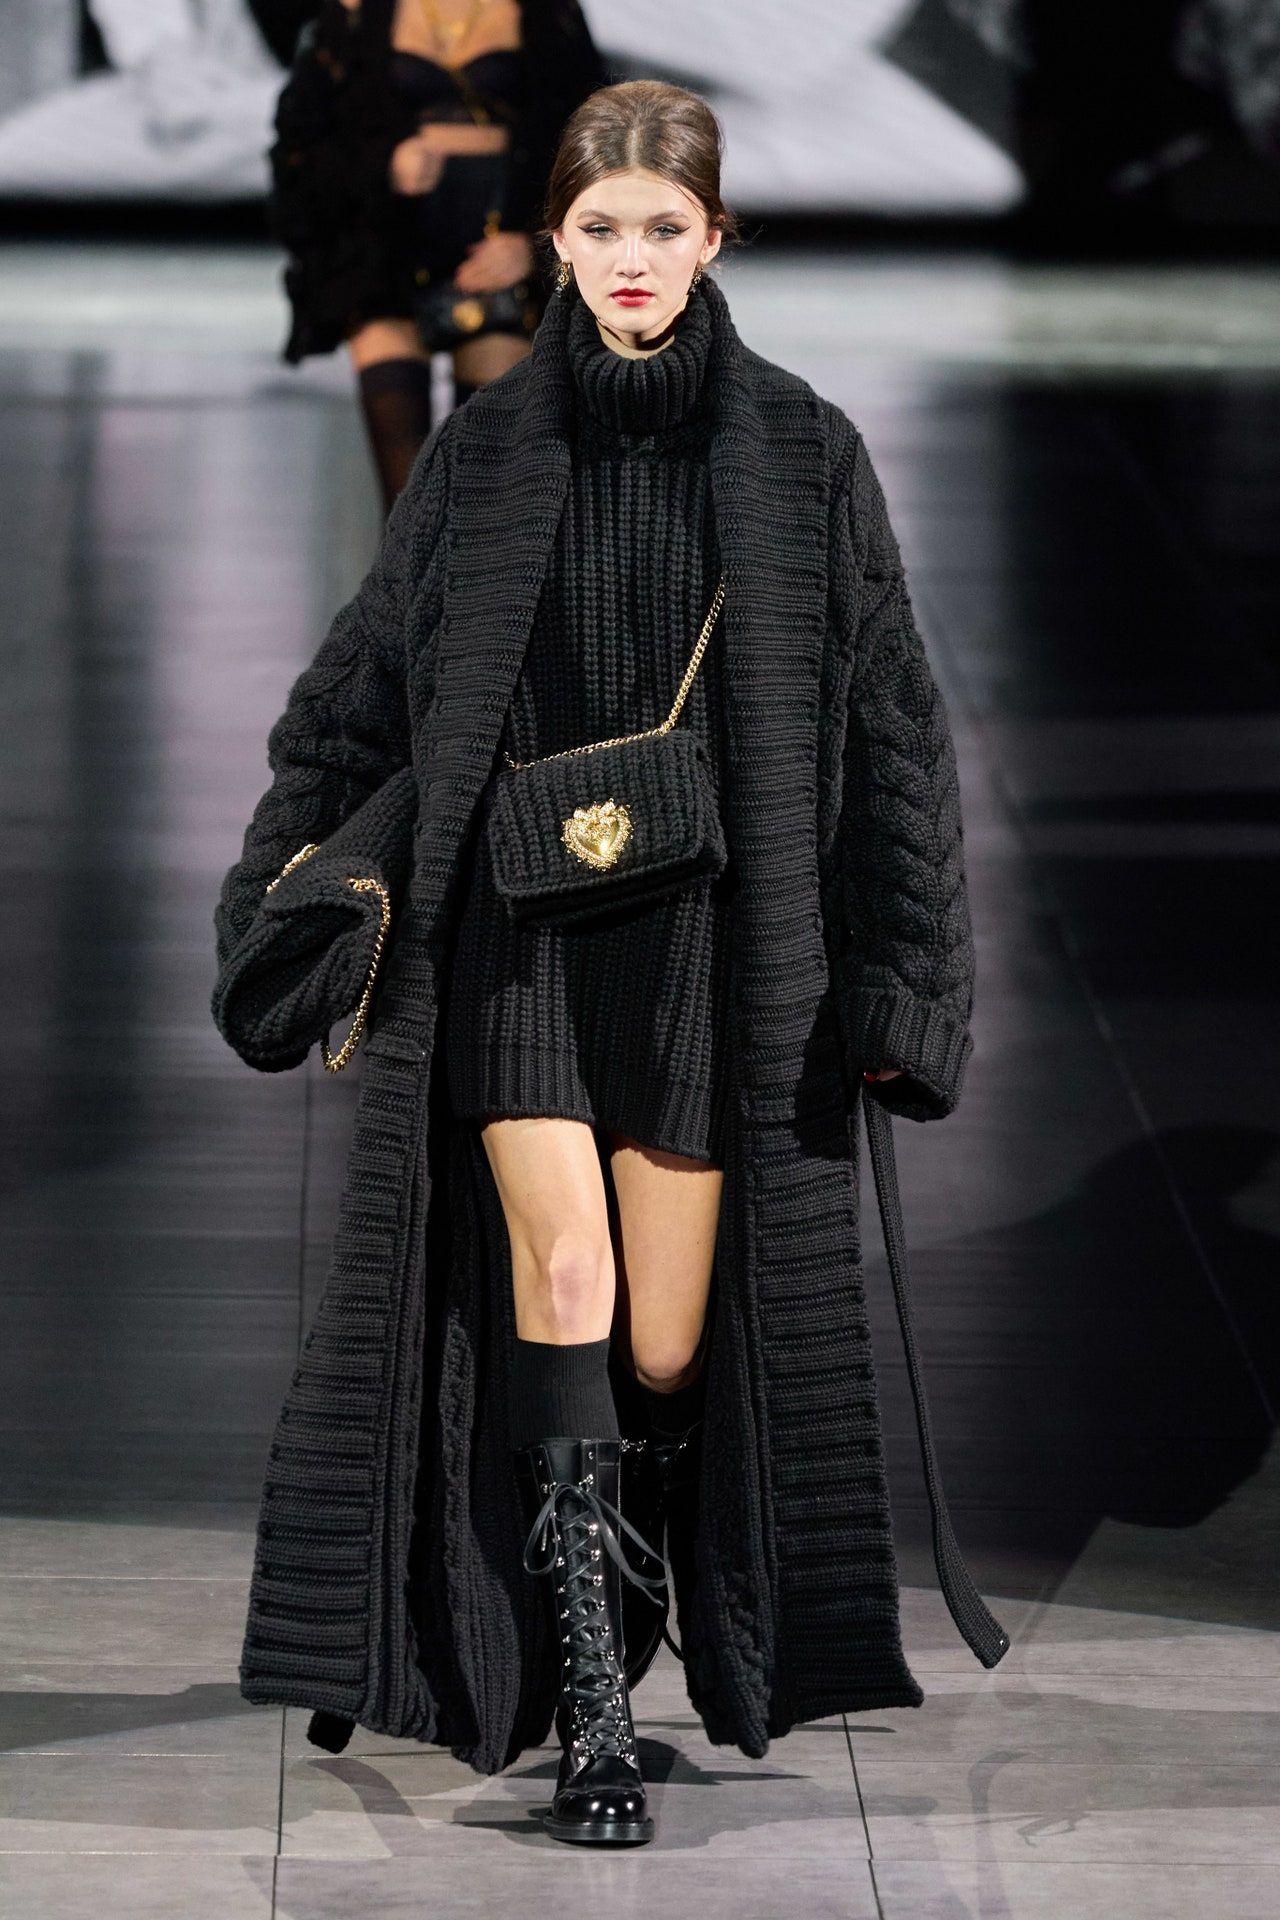 Dolce & Gabbana Herbst/Winter 2020-2021 Ready-to-Wear - Kollektion   Vogue Germany